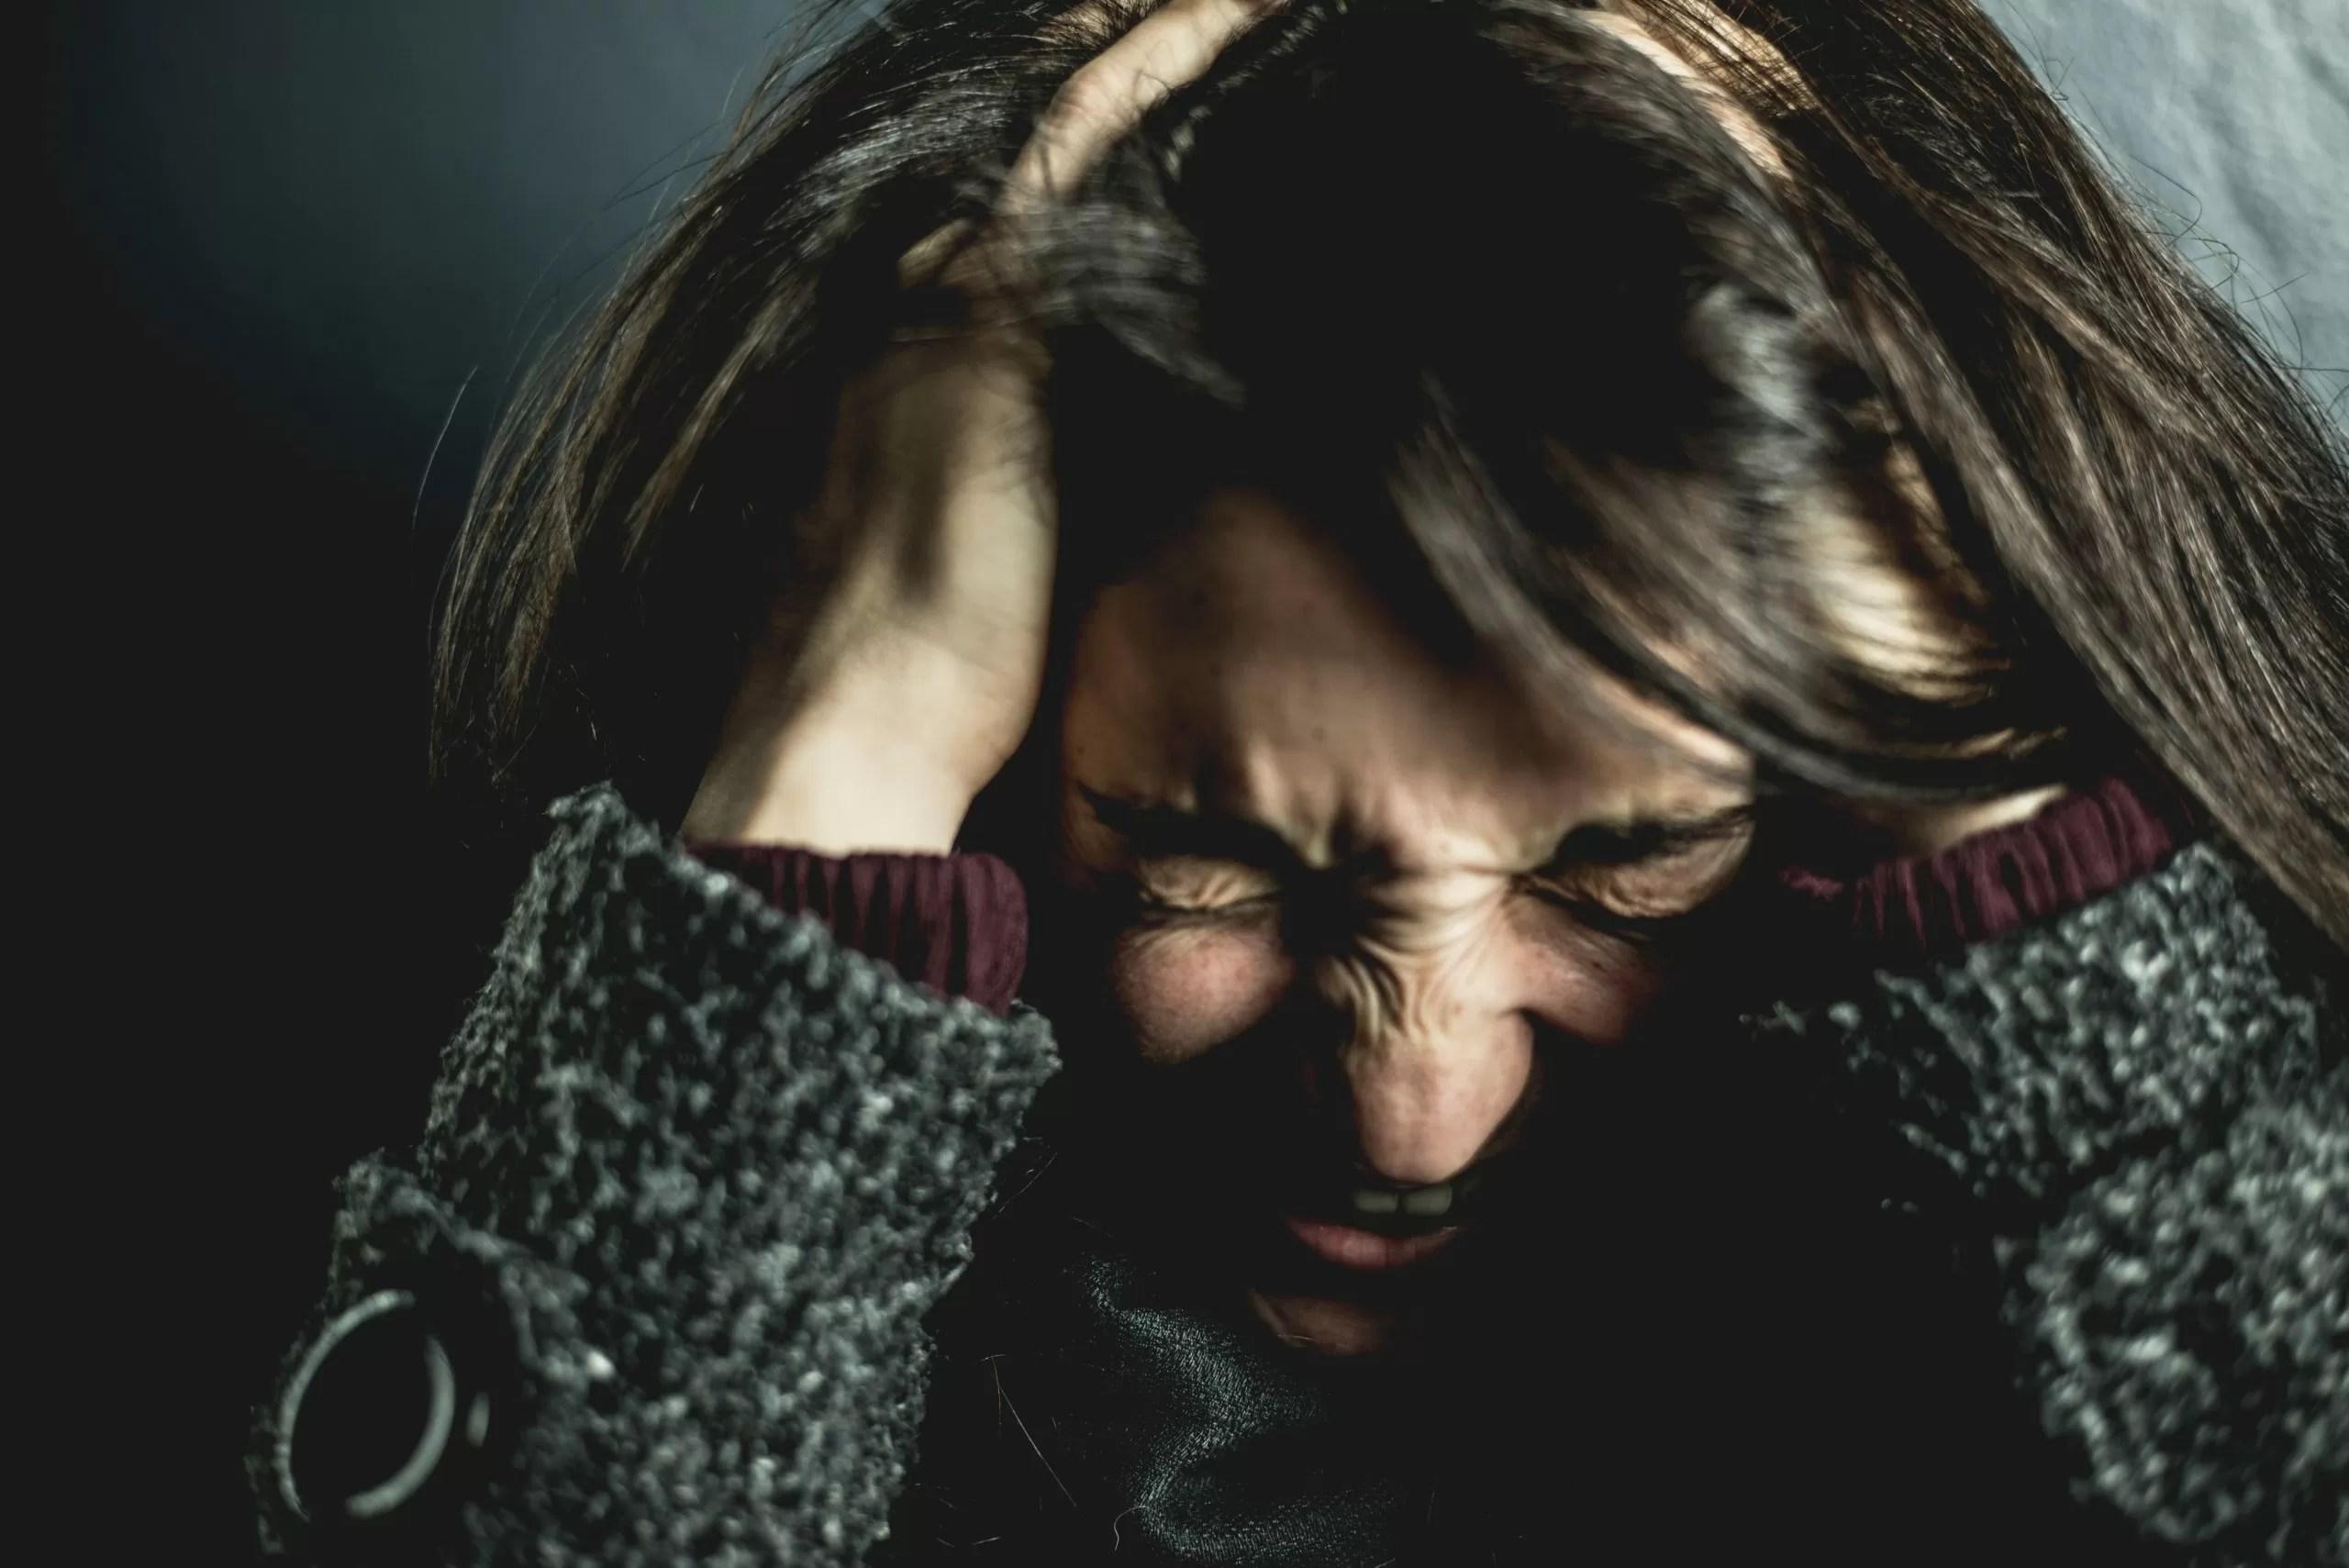 д-р Марија Јованоска: Главоболка – Сигнал за телесно пореметување